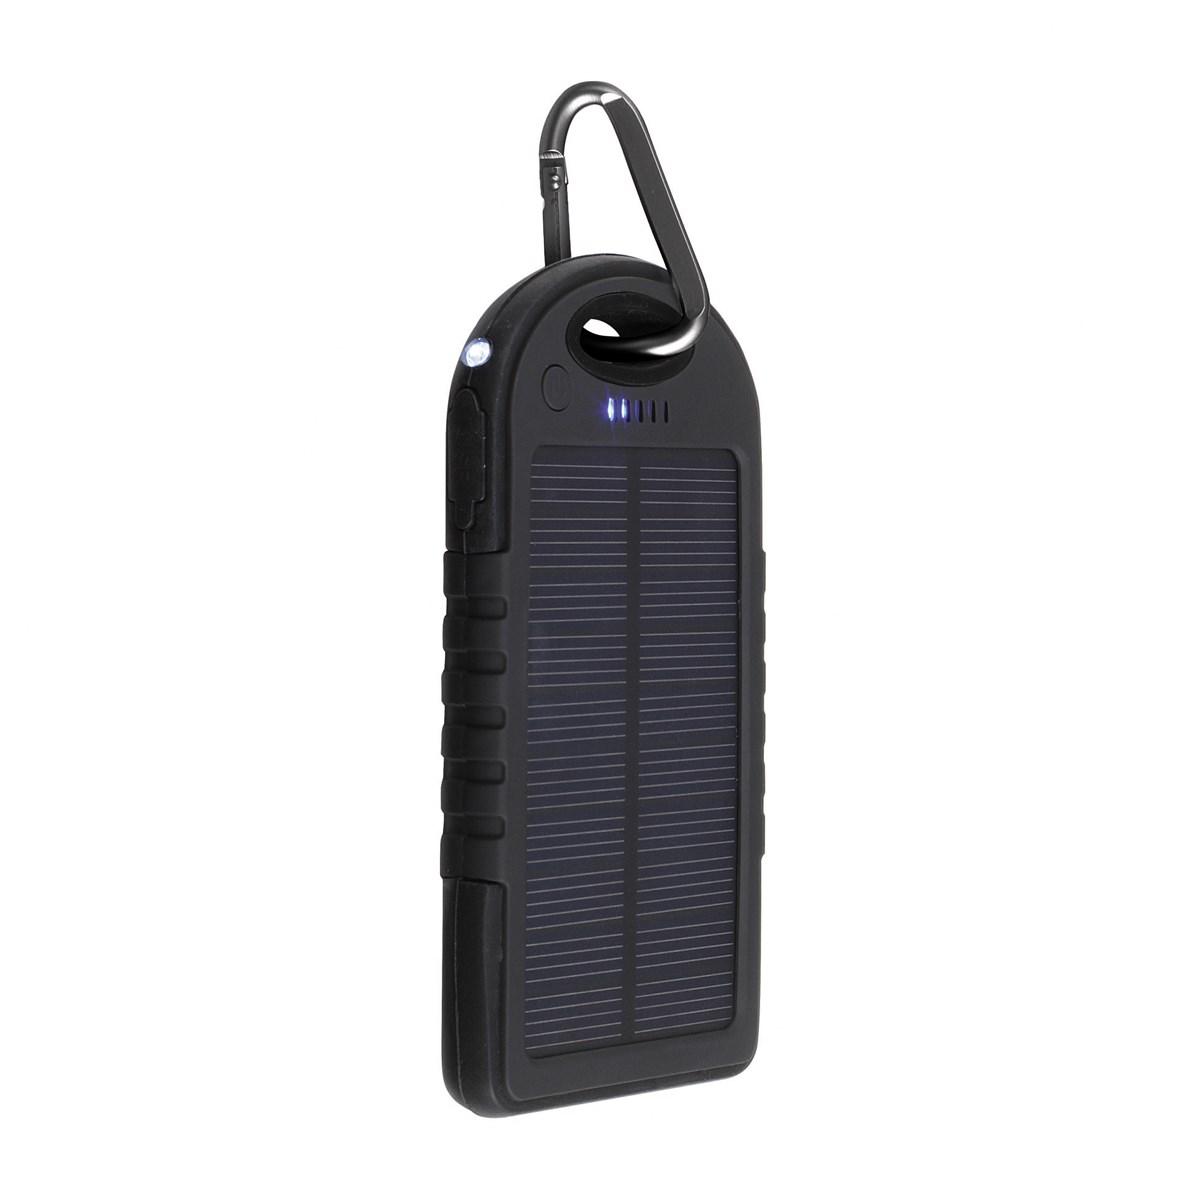 Batterie de secours solaire en plastique noir